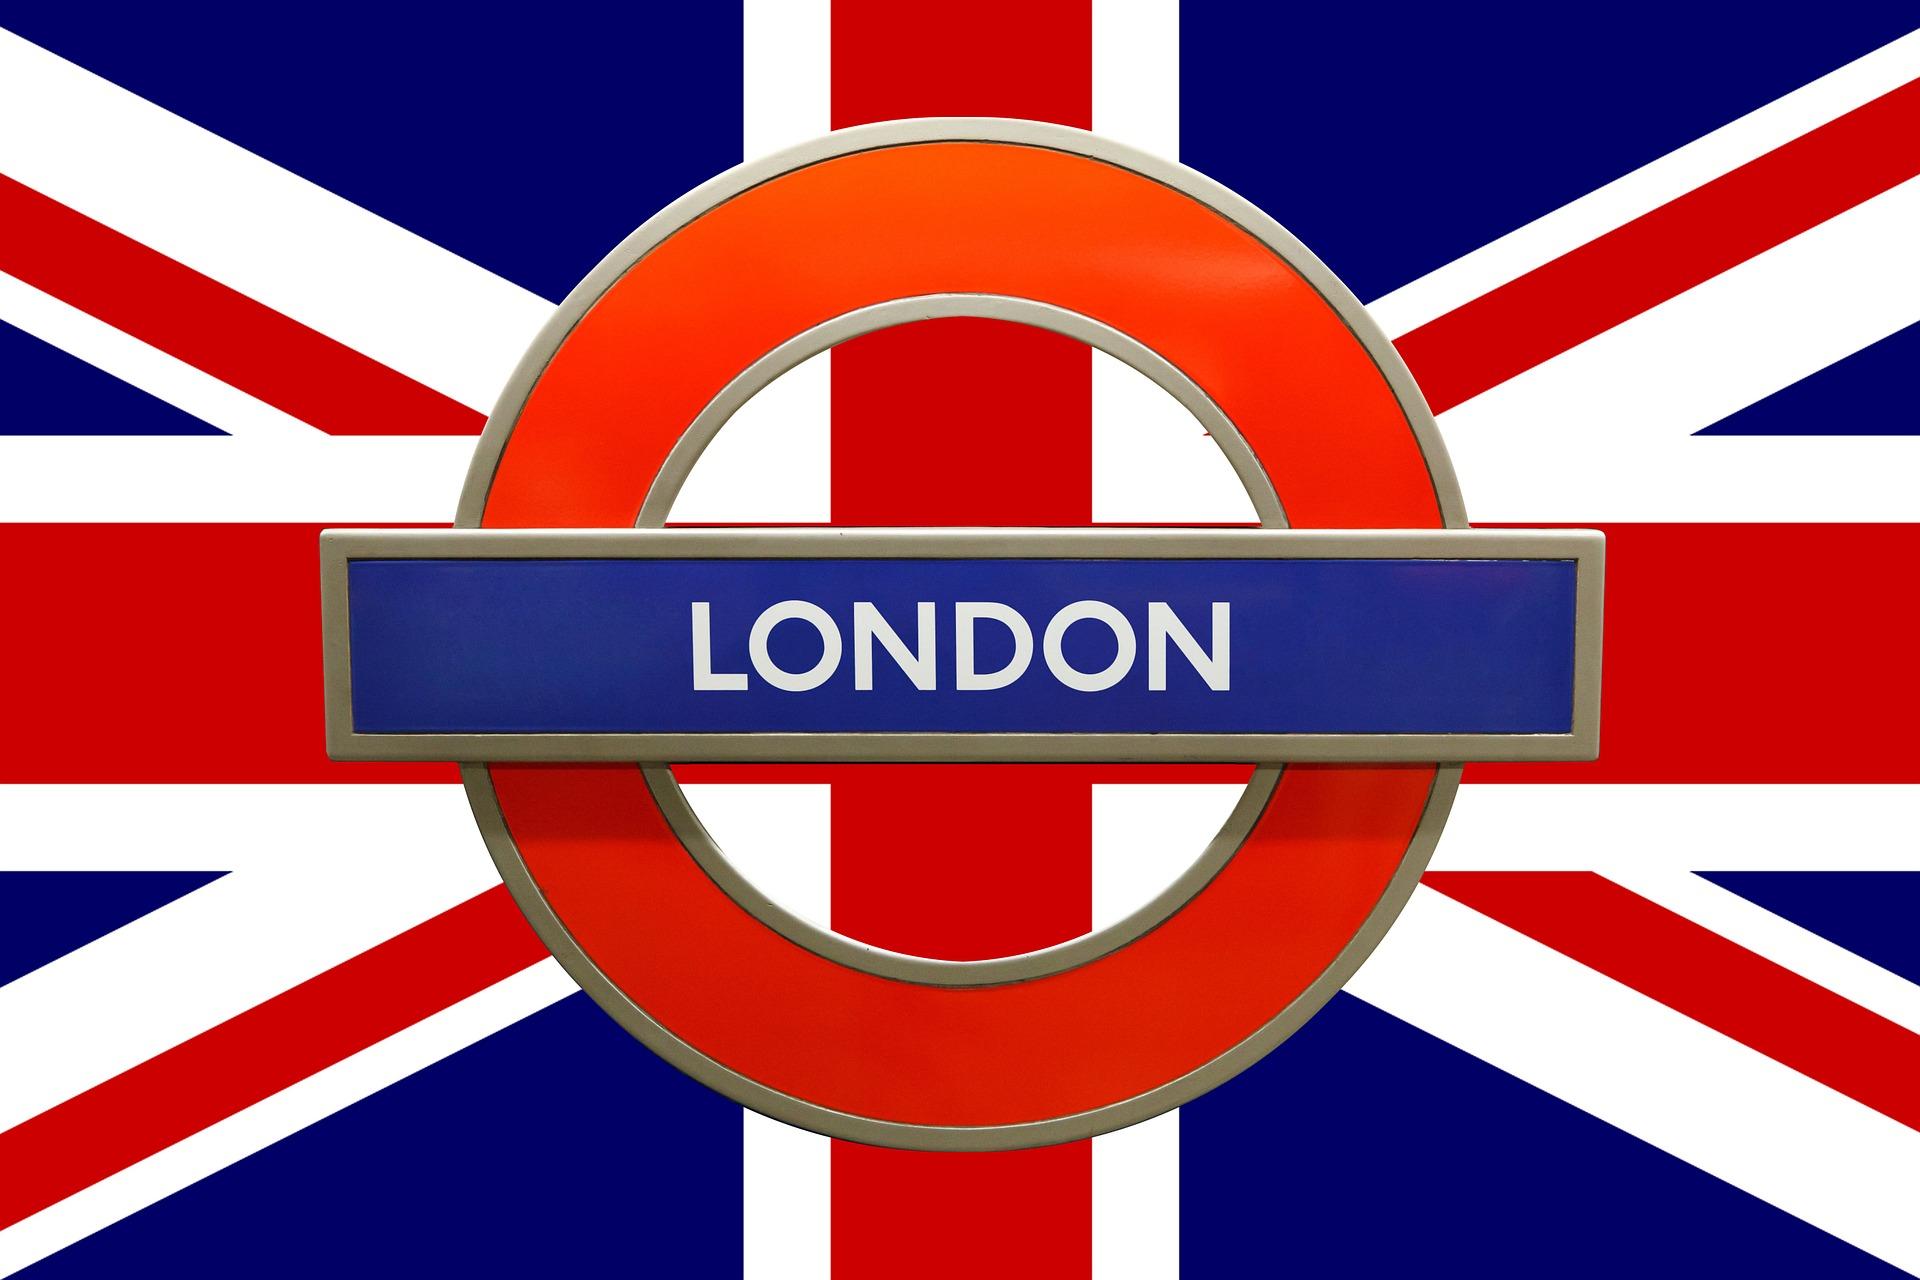 dzikie zwierzęta w londynie, jakie można tam spotkać, lis, wiewiórka szara, papuga, aleksandretta obrożna, zielone papugi w mieście, lisy, wiewiórki szare, jelenie szlachetne, jeleń szlachetny, daniele zwyczajne, daniel zwyczajny, jelonek rogacz